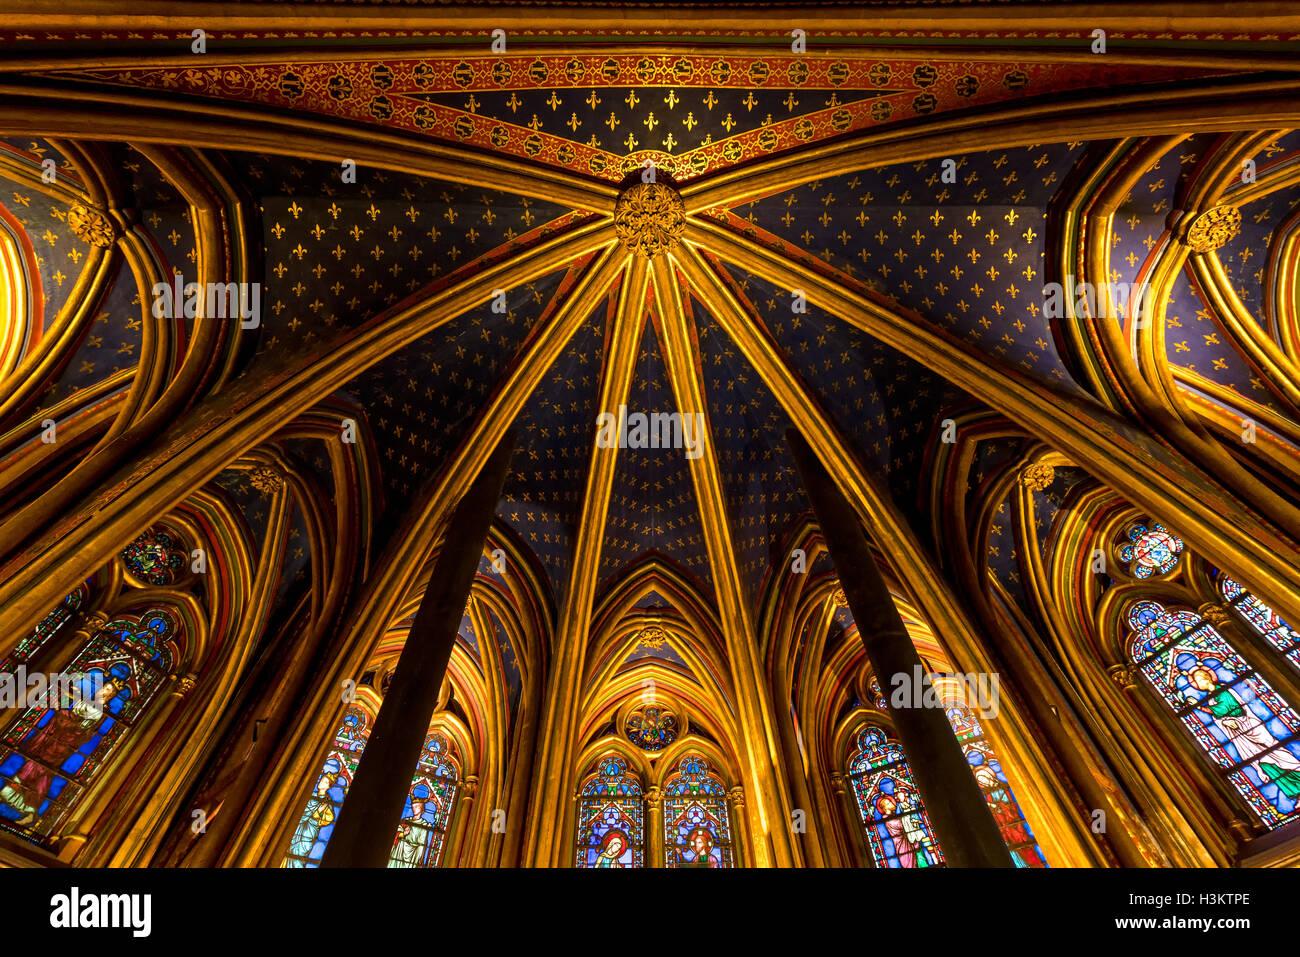 Gotico Rayonnant soffitto a volta della cappella inferiore di Sainte Chapelle, Ile de la Cite, Parigi, Francia Foto Stock